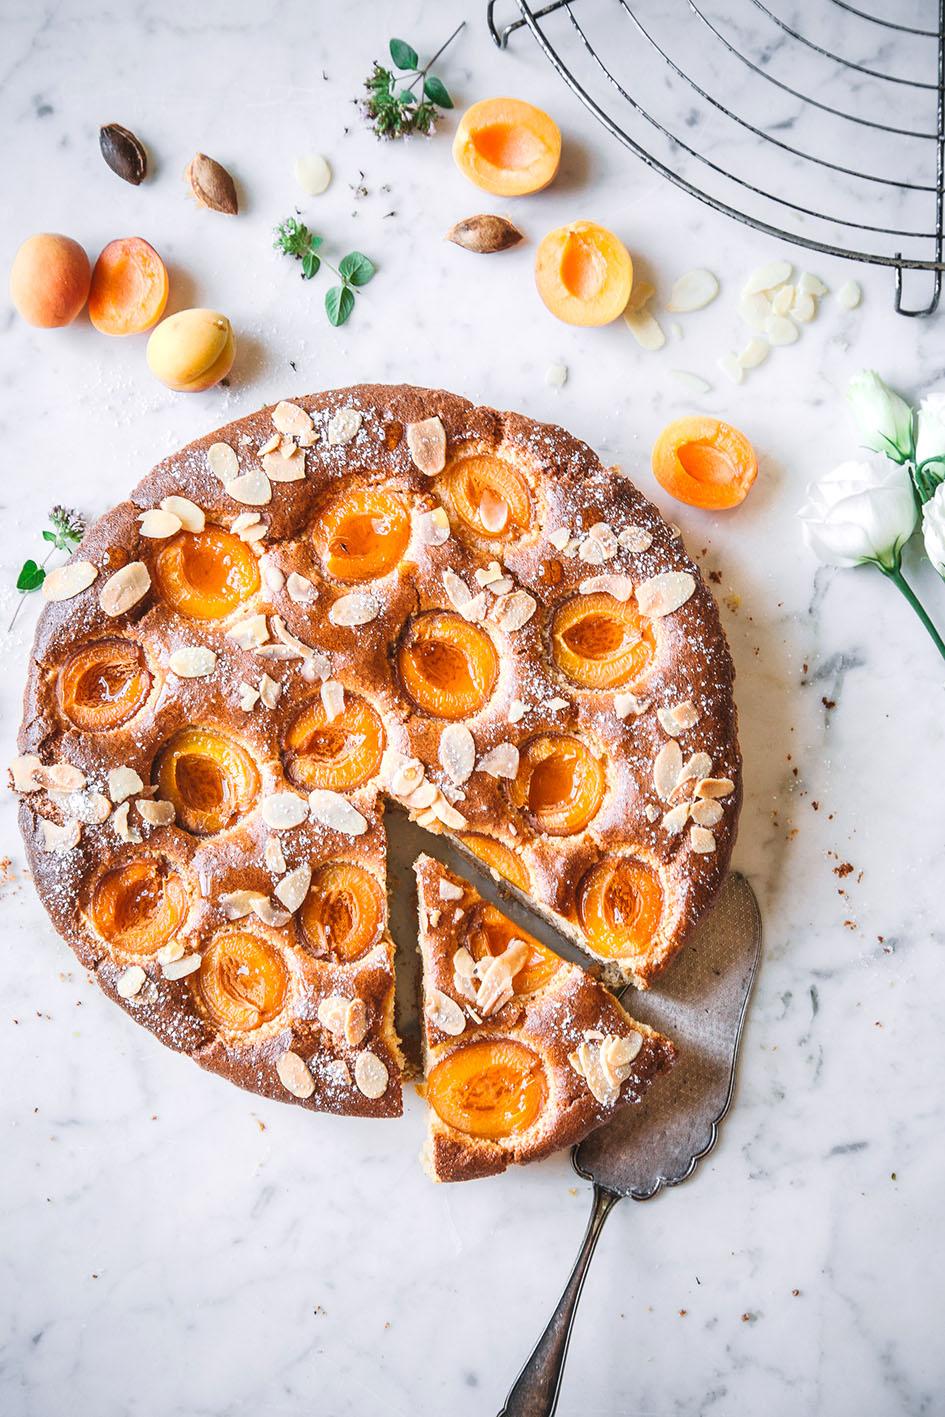 Angeschnittene Aprikosen-Mandel-Tarte mit Tortenschaufel auf Marmorplatte